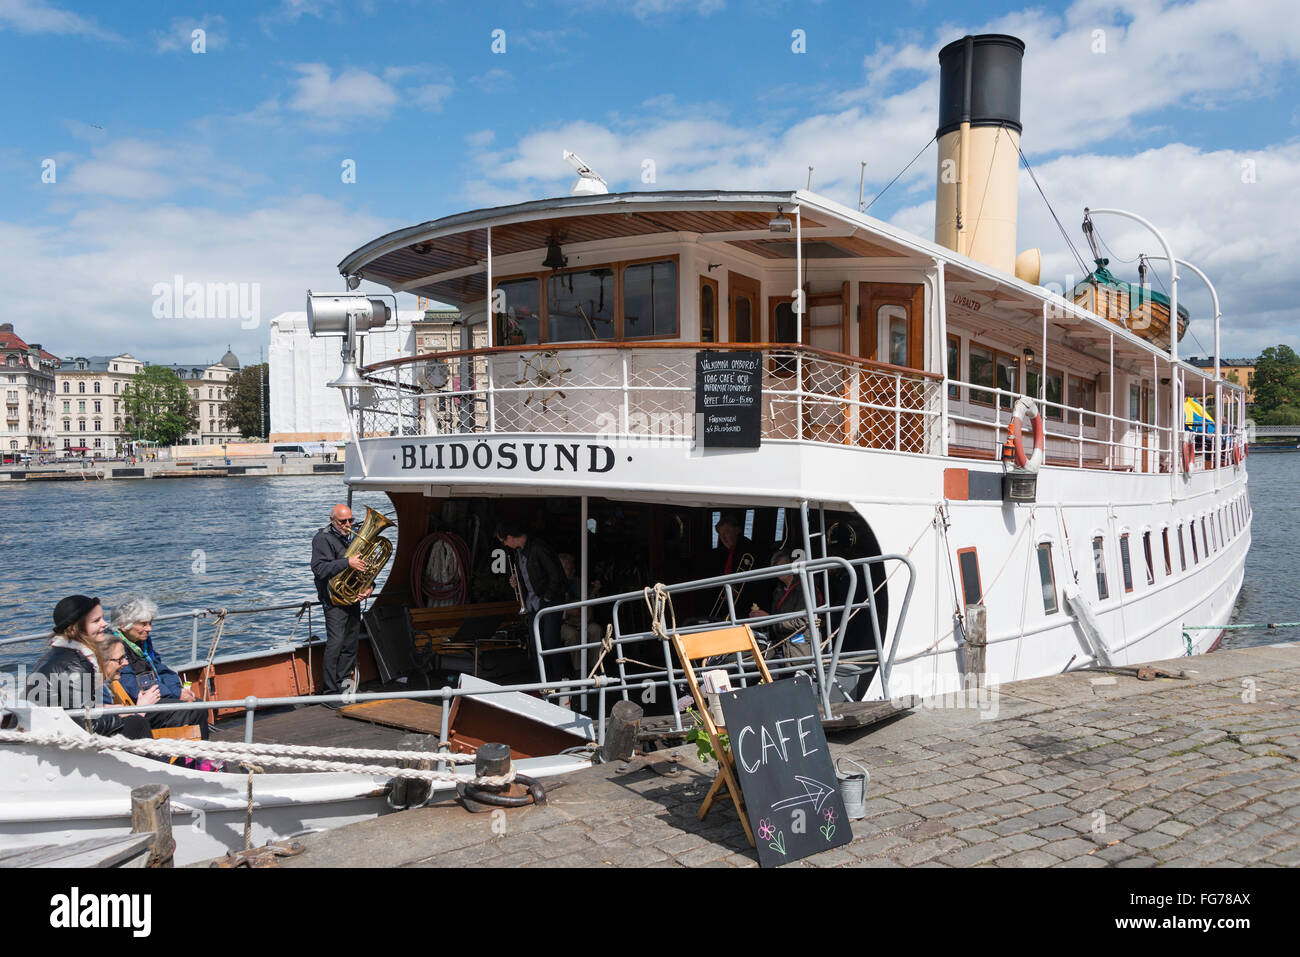 Cafe on board Blidosund steam boat, Gamla Stan (Old Town), Stadsholmen, Stockholm, Kingdom of Sweden - Stock Image